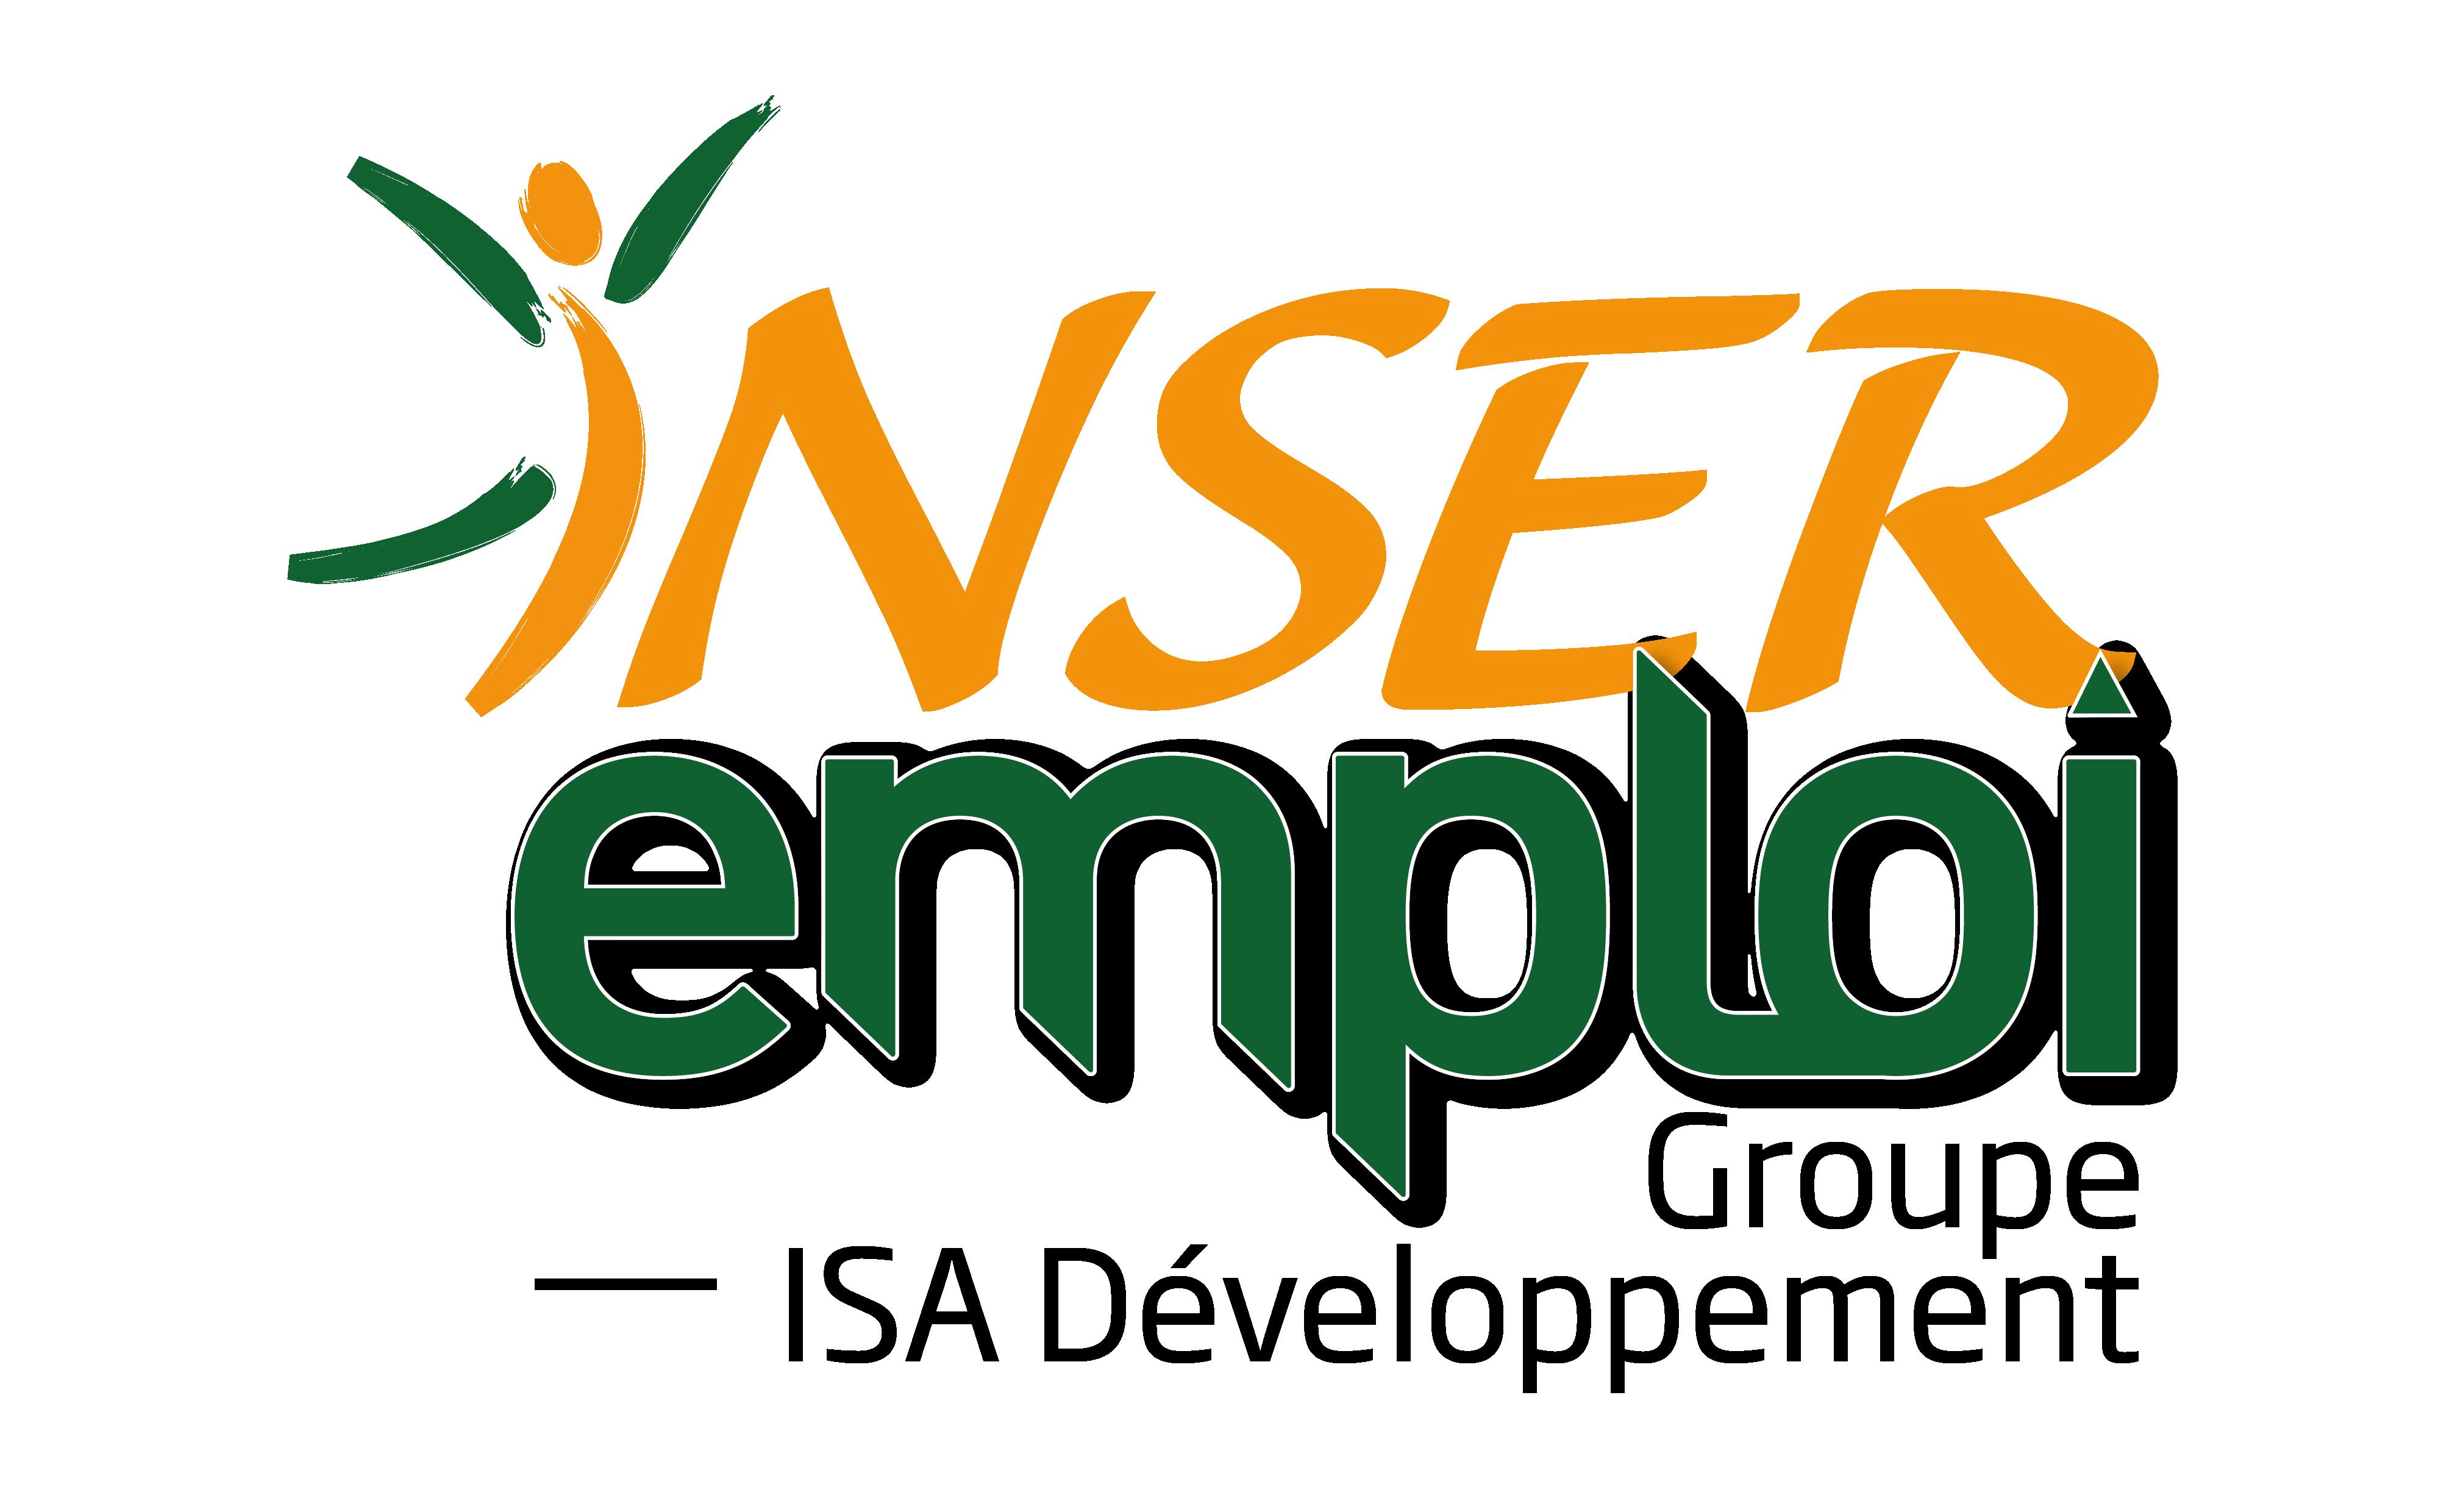 inser-emploi-isa-developpement